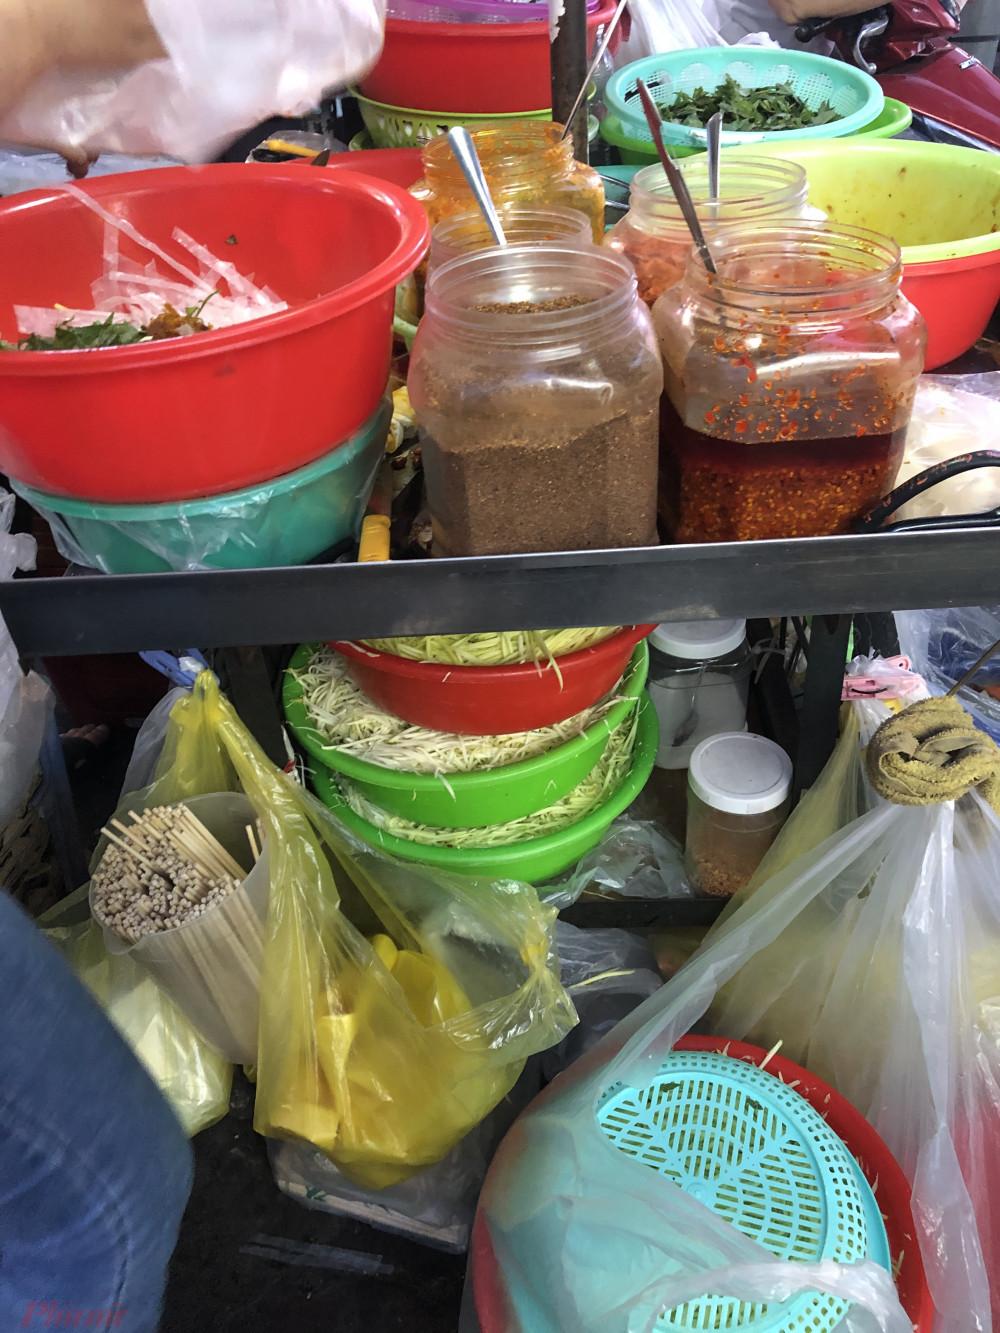 Đa số các người bán cho hay, nguồn nguyên liệu làm bánh tráng, gia vị họ đều mua ngoài chợ nên tiềm ẩn rất nhiều rủi ro về mất vệ sinh an toàn thực phẩm. Ảnh: Thanh Hoa